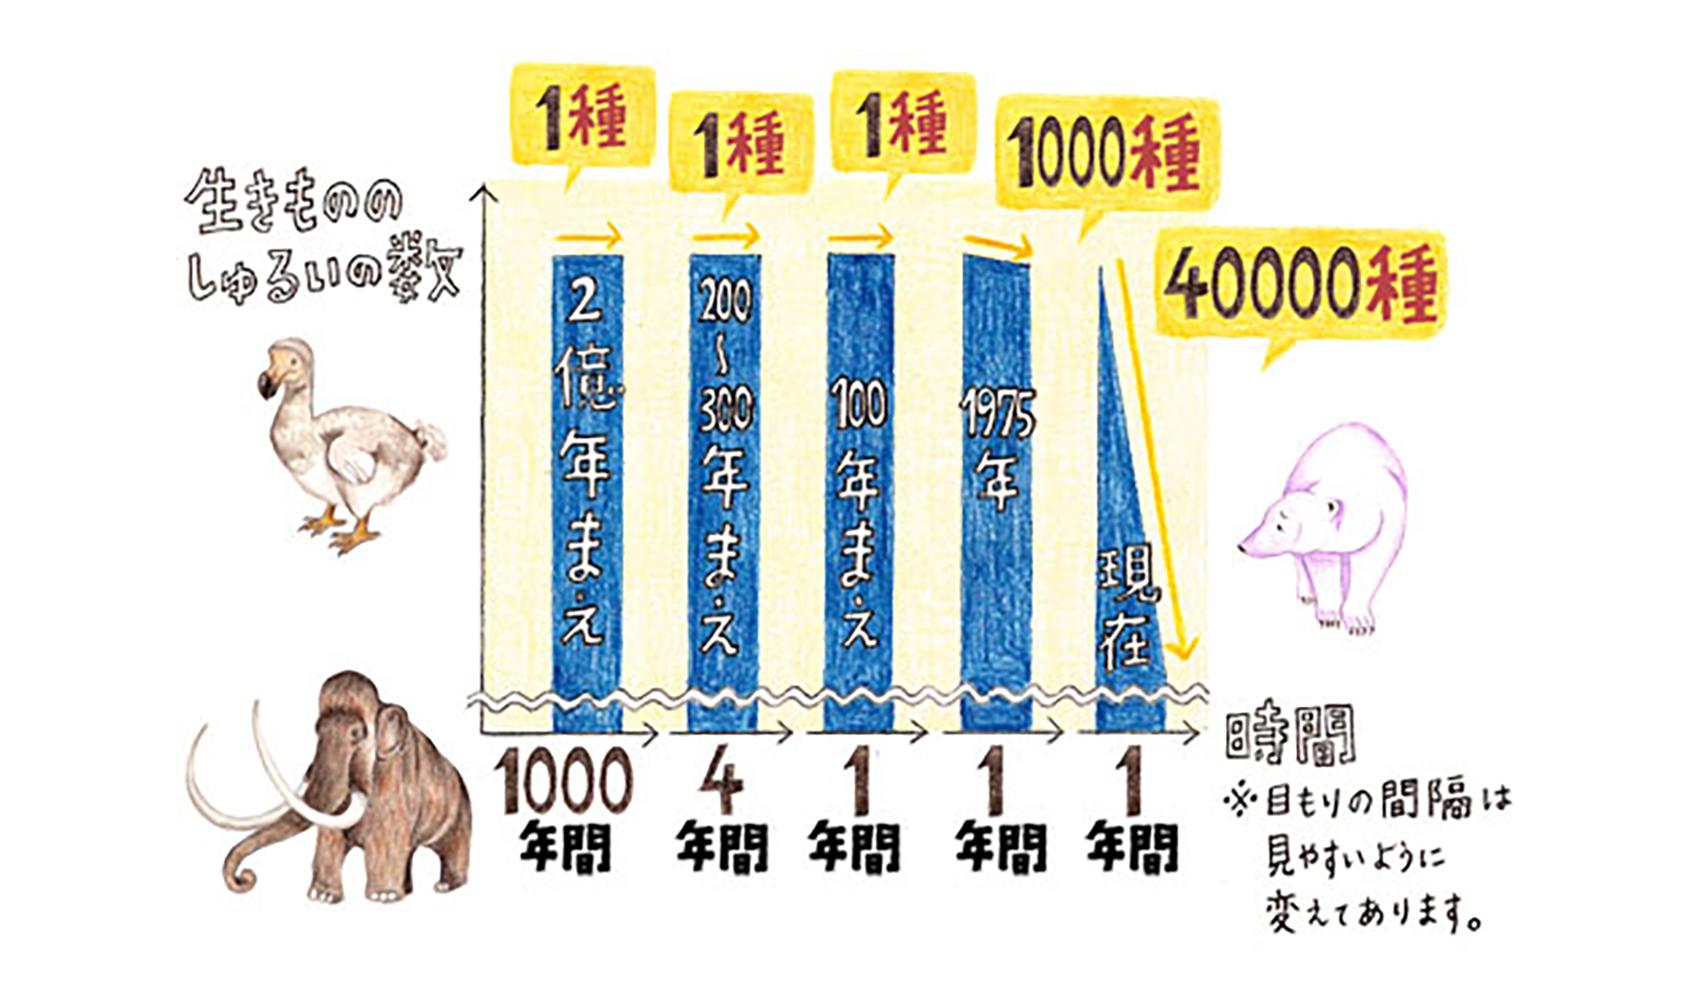 動物や植物は毎年どのくらい絶滅しているのですか?